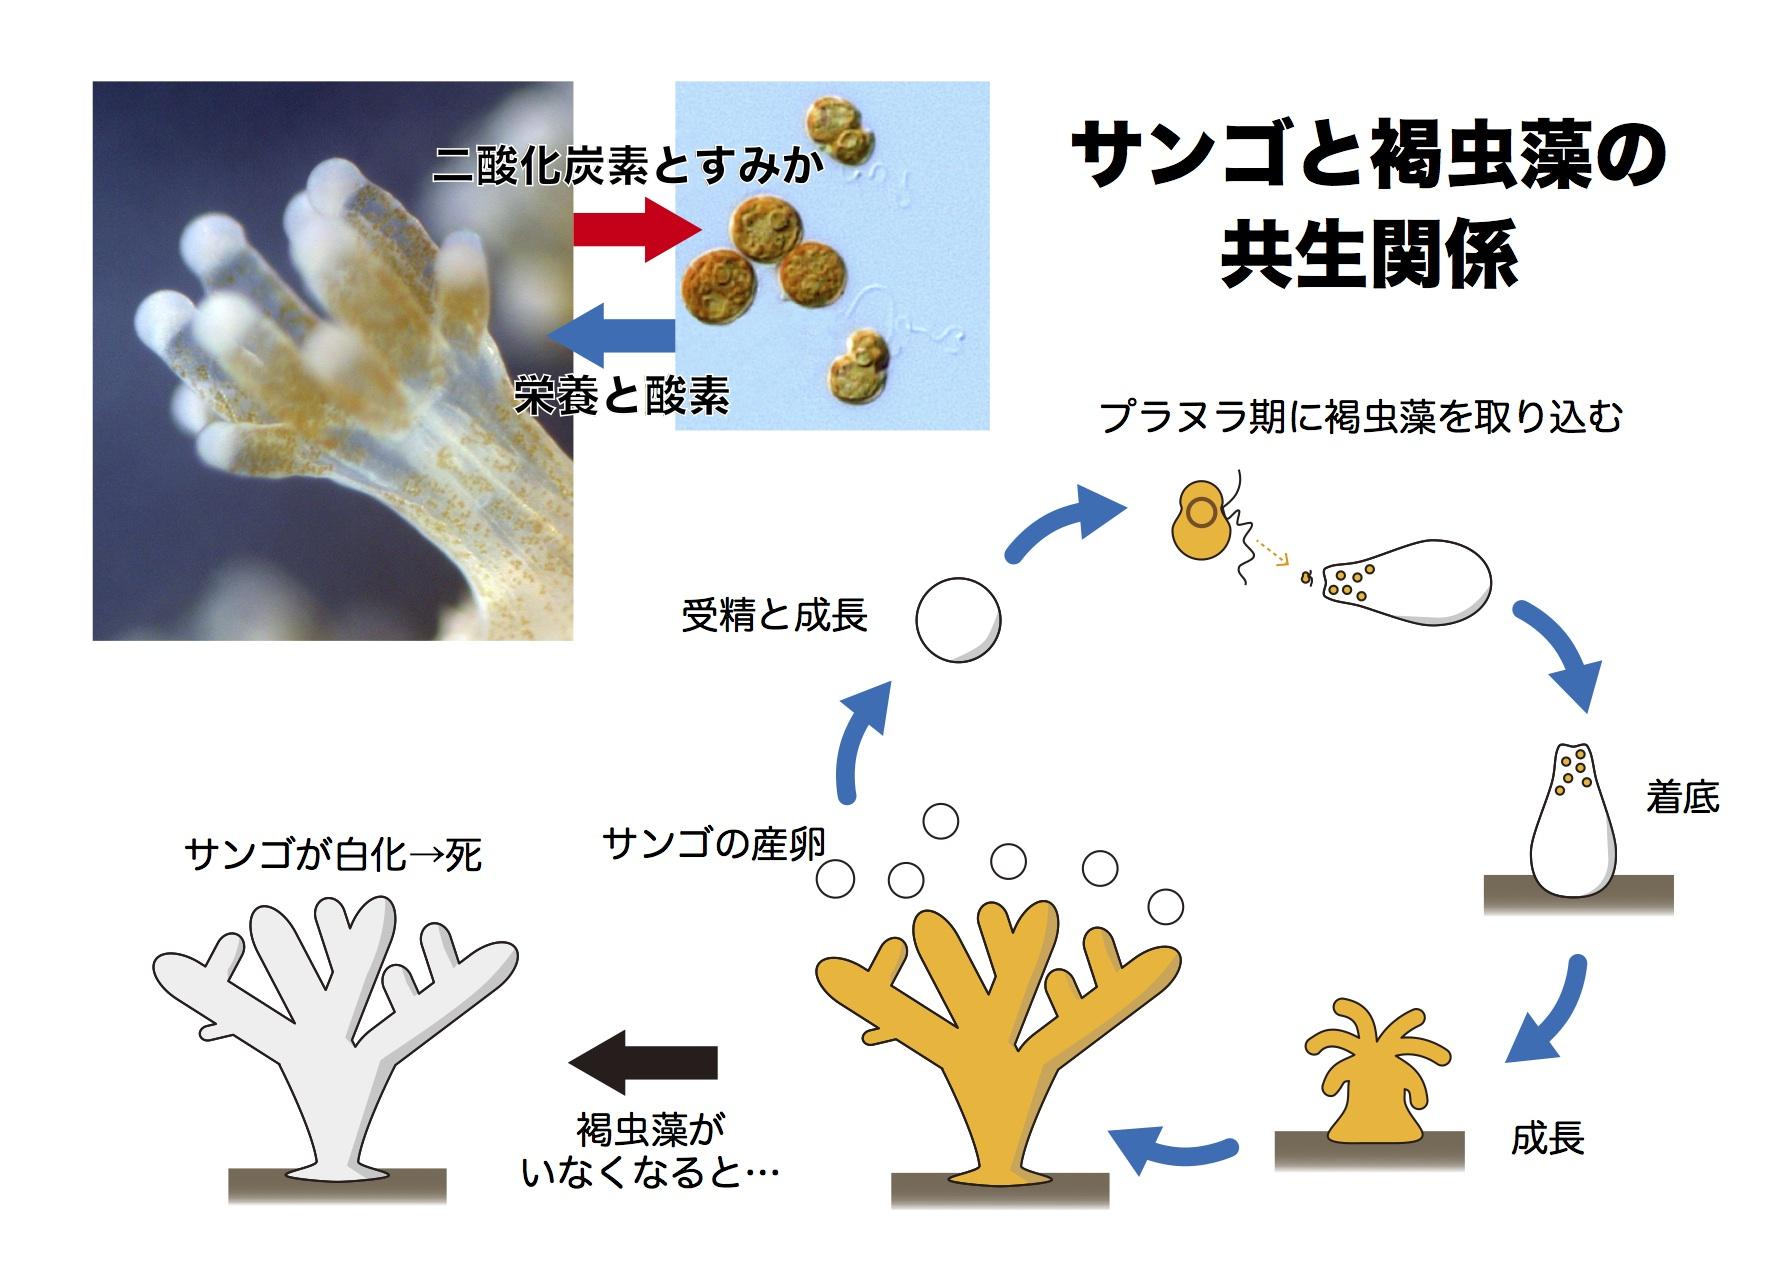 図2 サンゴと褐虫藻の   共生関係